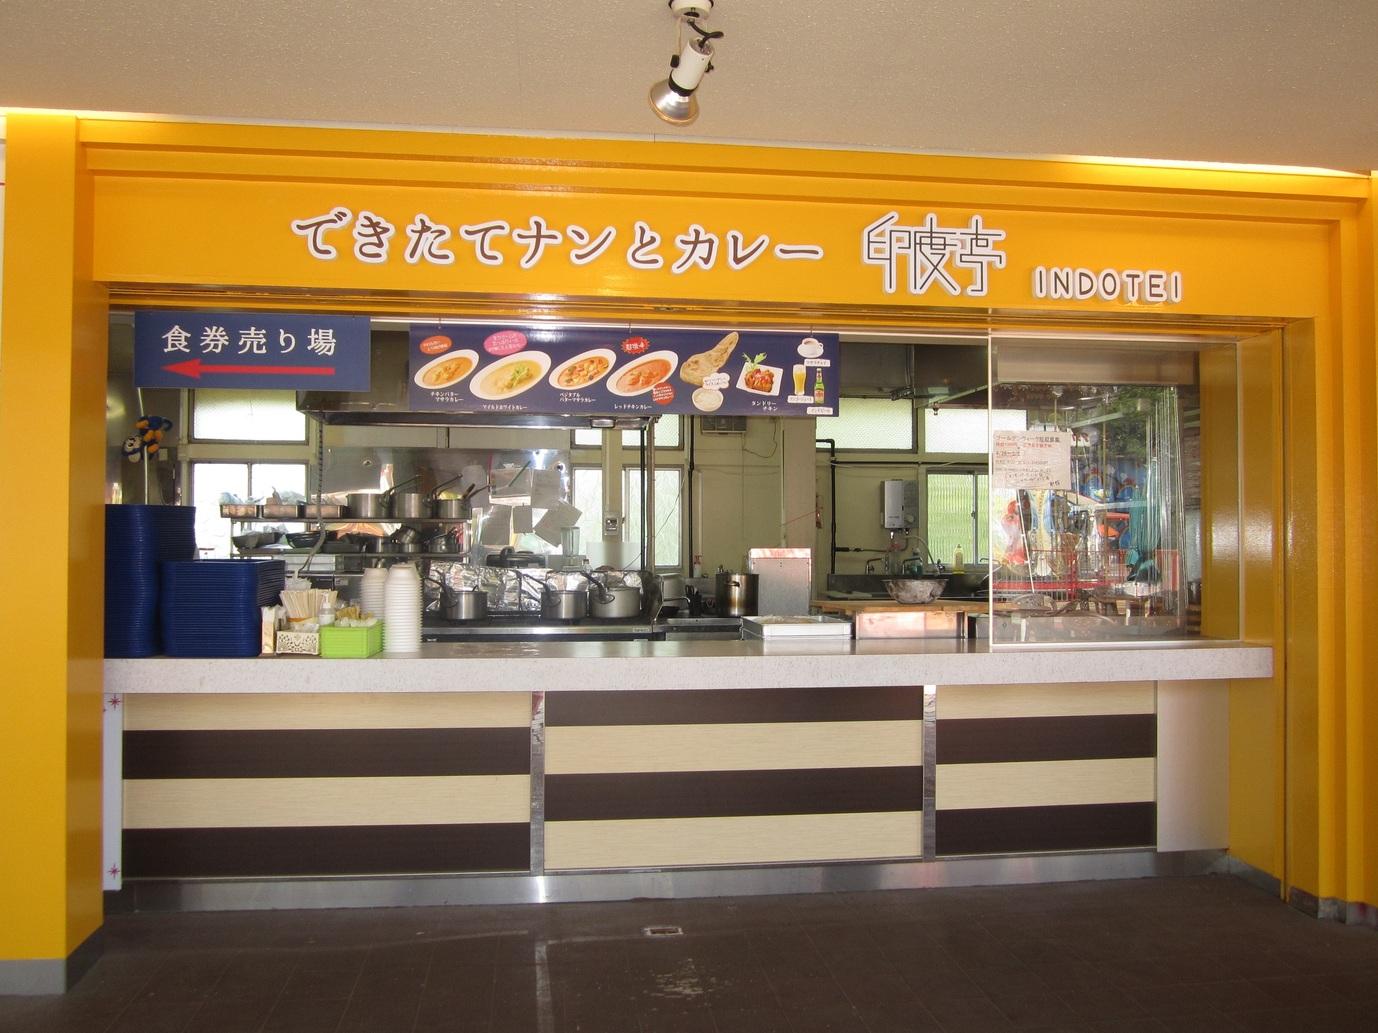 インド亭 モンキーパーク店